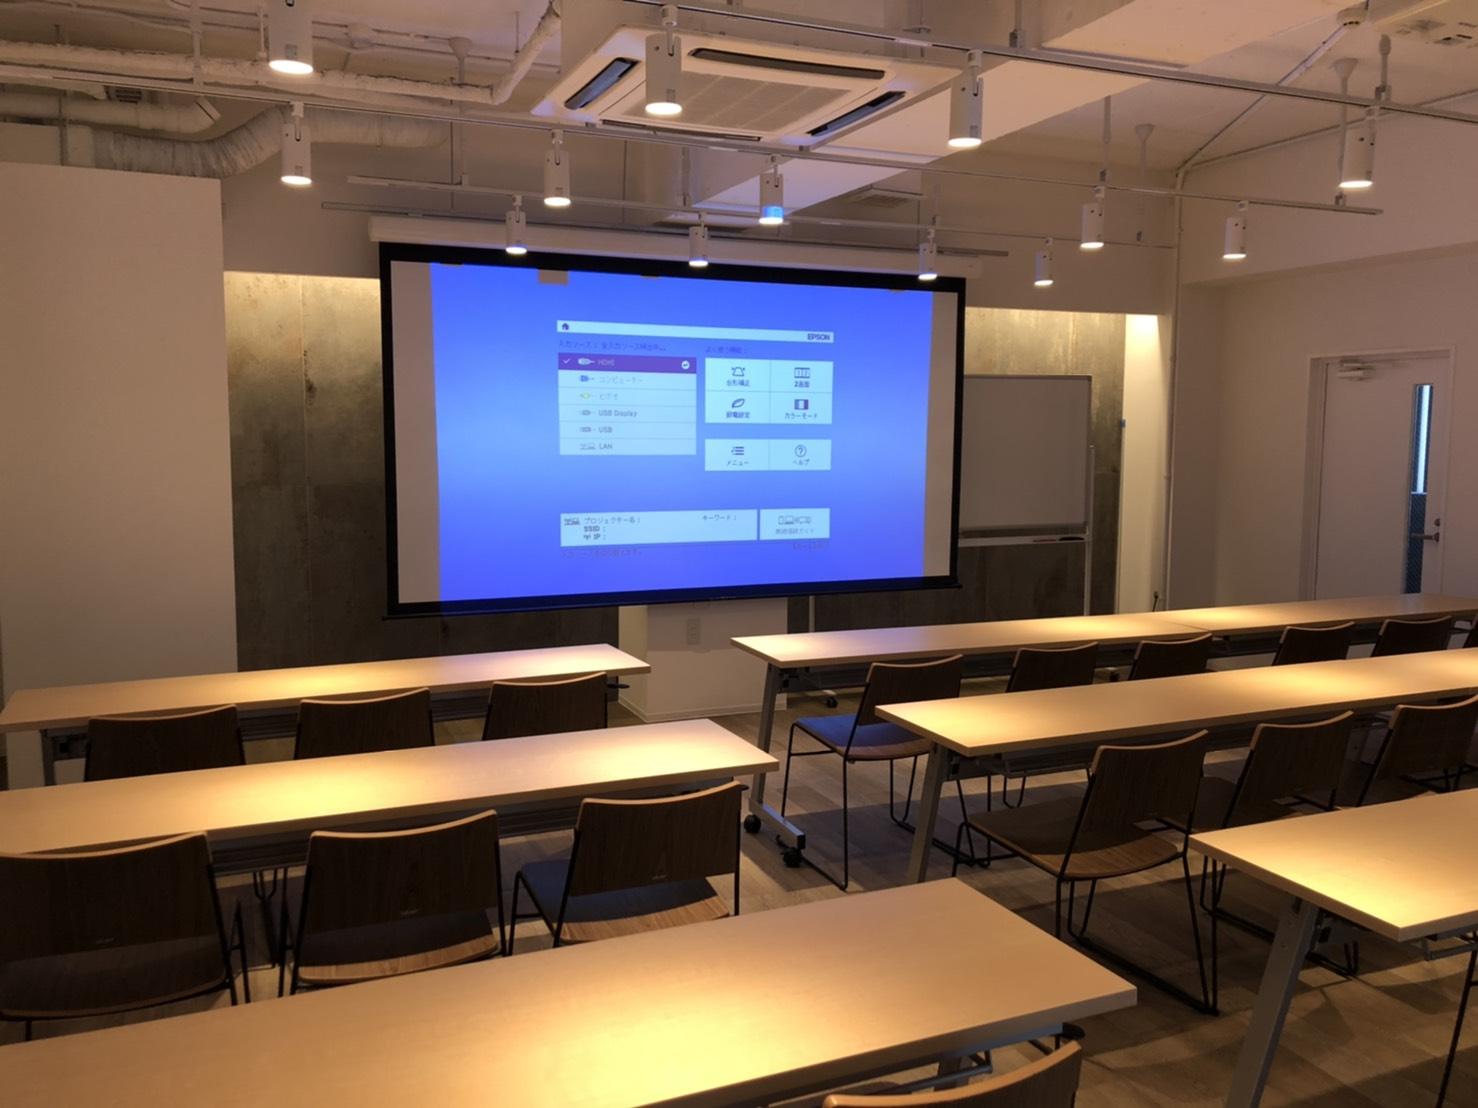 レンタルスペース「スペースマーケット会議室 ーT's南森町3Fー」の画像3